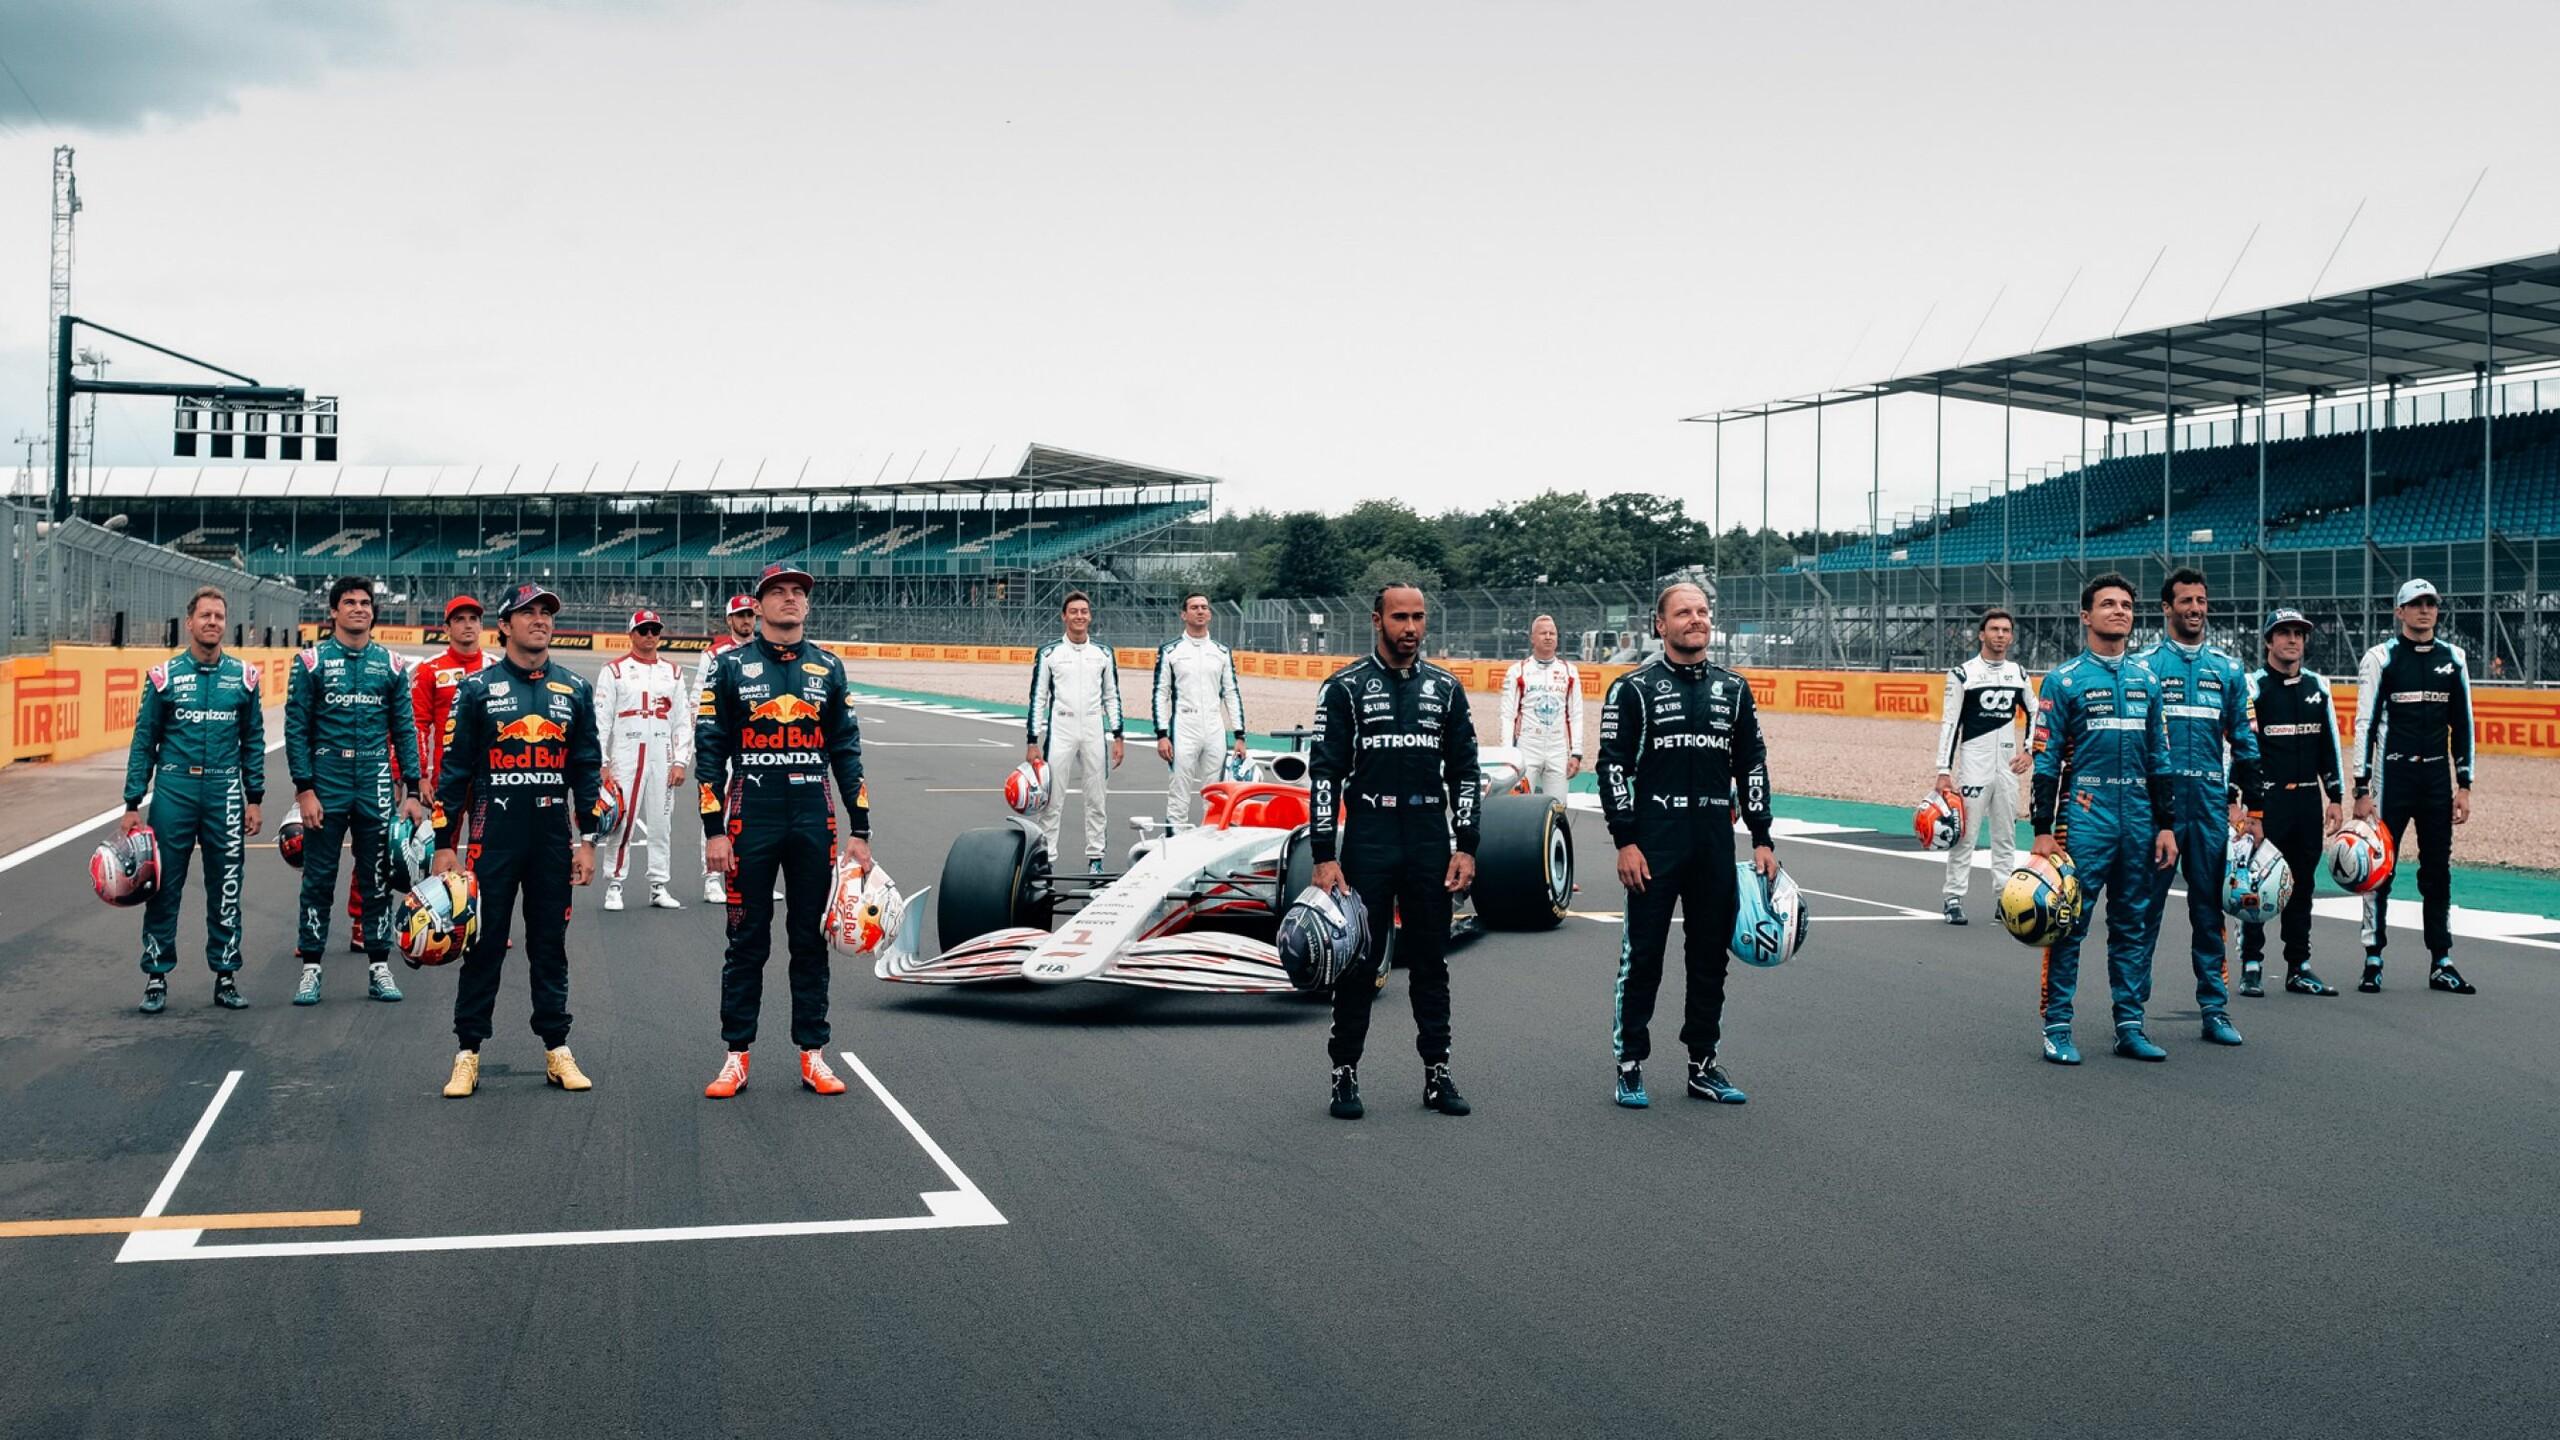 Foto de Fórmula 1 2022 (9/18)